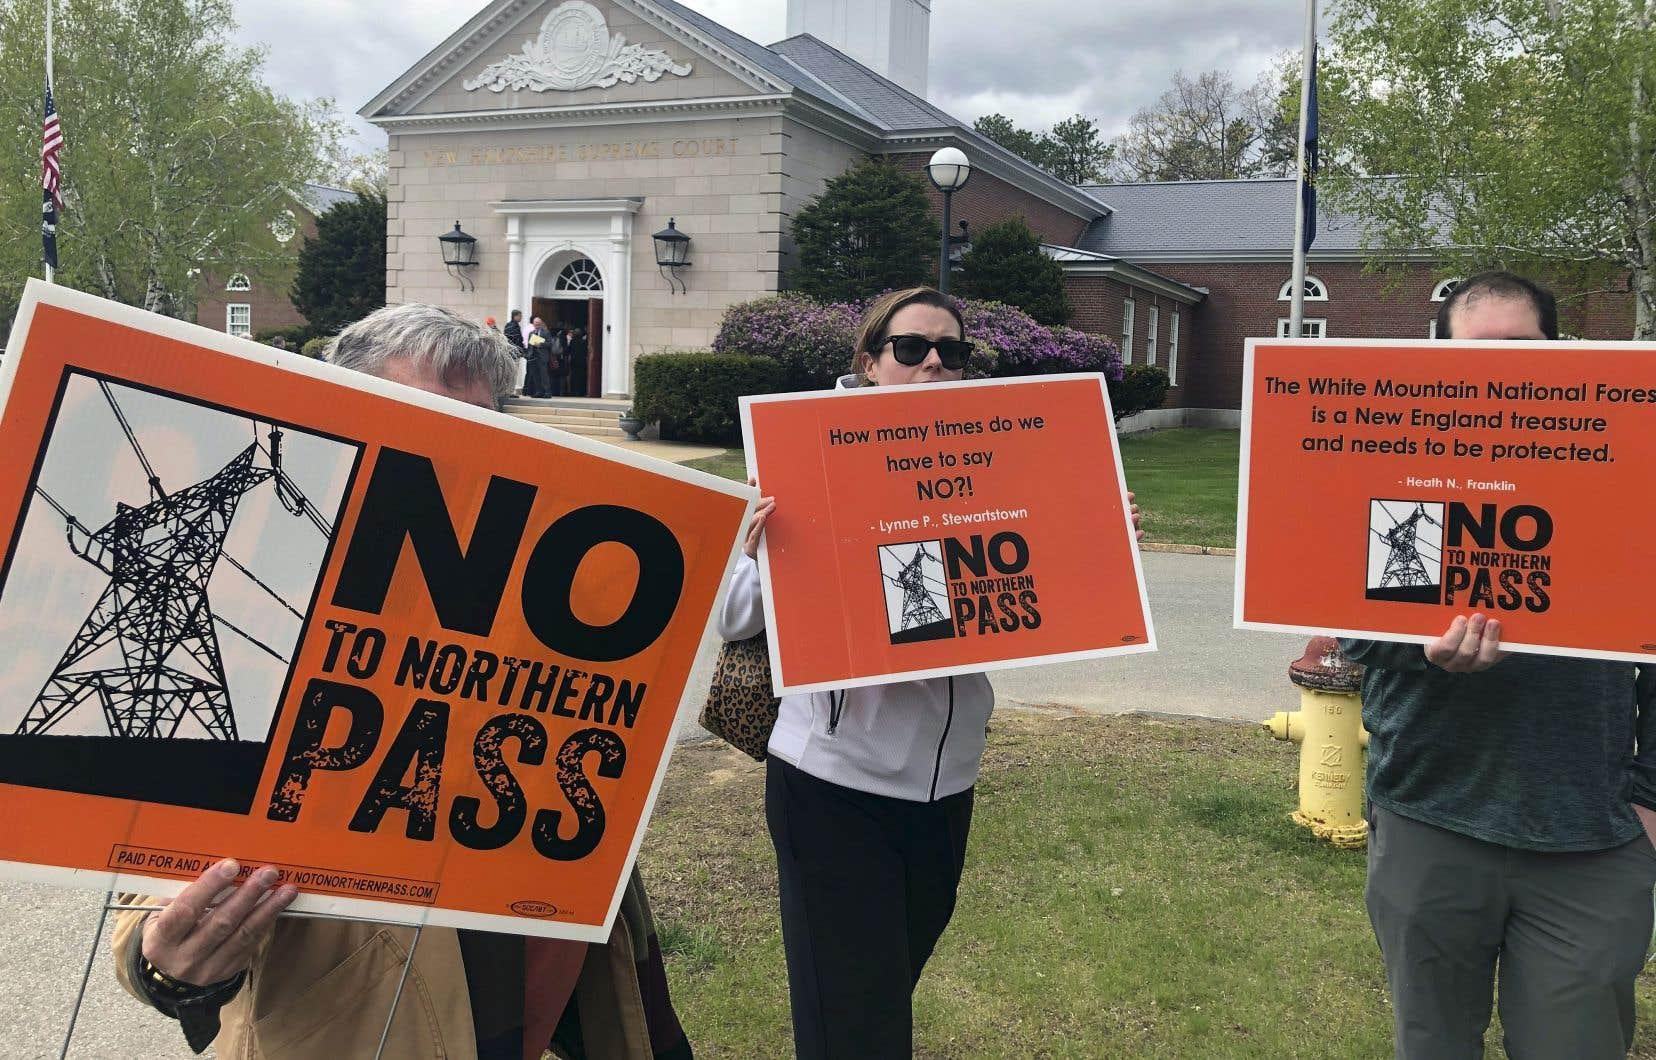 La Cour suprême du New Hampshire a confirmé que le projet Northern Pass nuirait à l'industrie du tourisme de la région et à la valeur des propriétés.